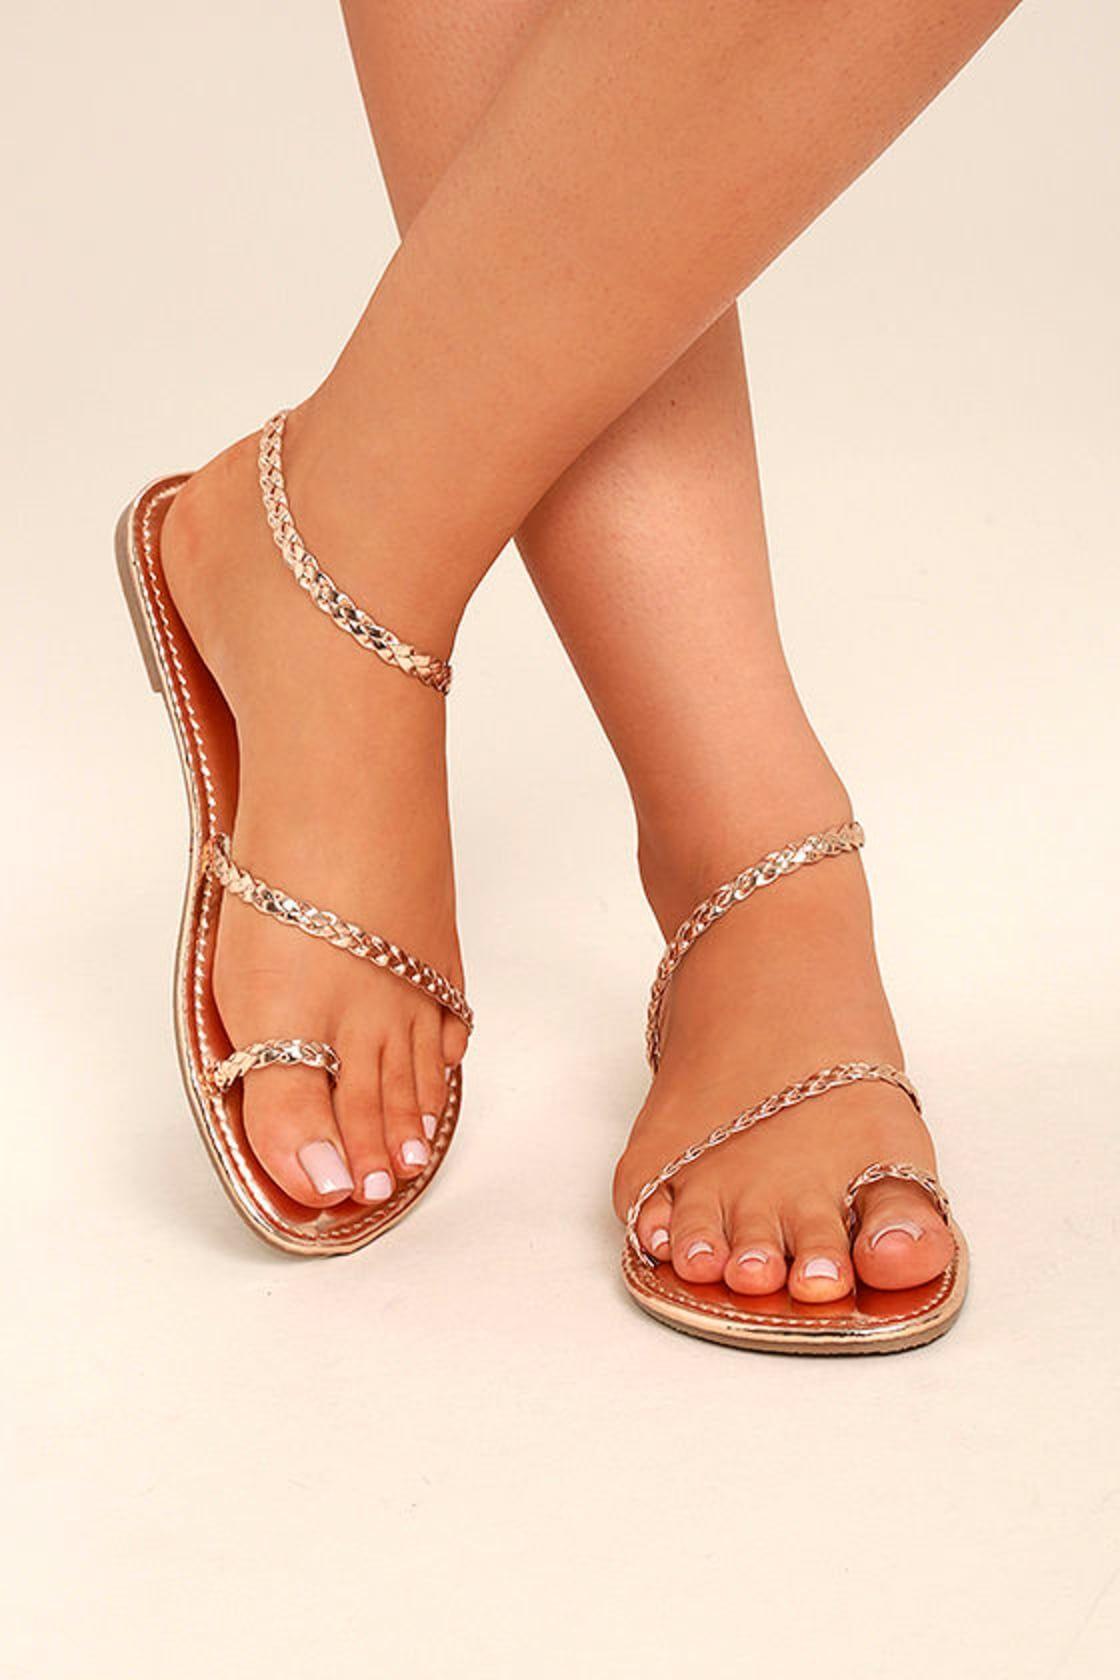 Mirela Gold Flat Sandals em 2020 | Sapatos rasos, Sandálias